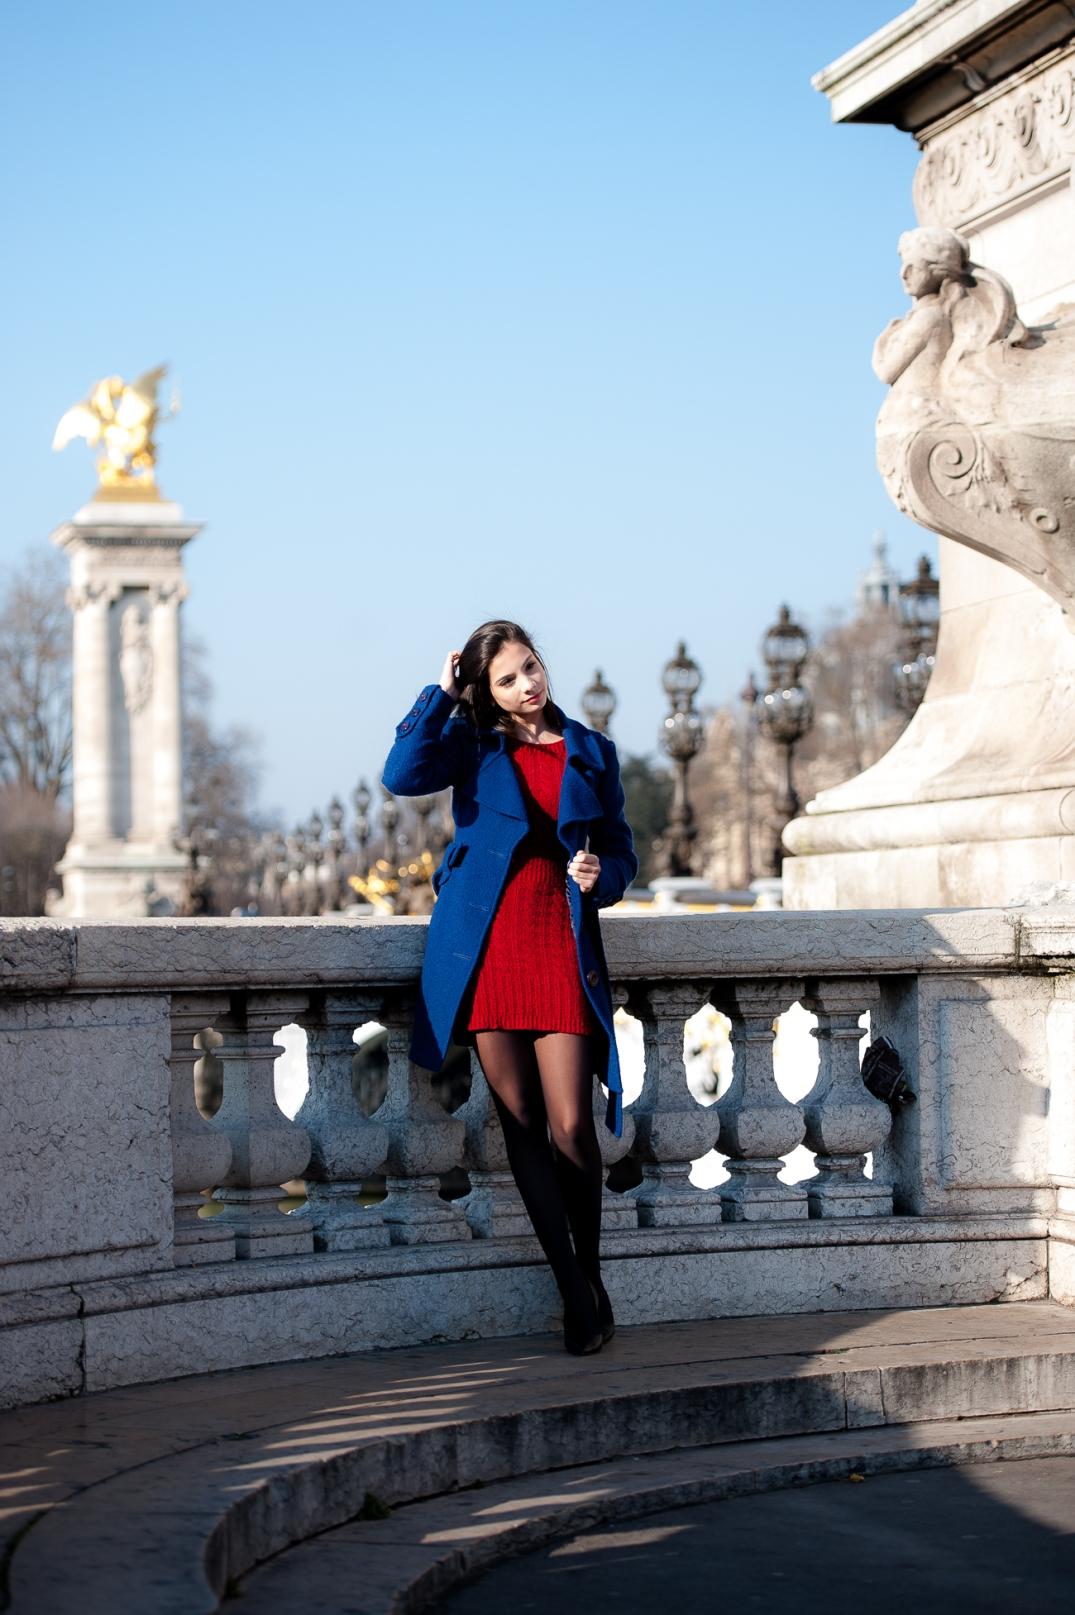 sessao de fotos 15 anos em paris